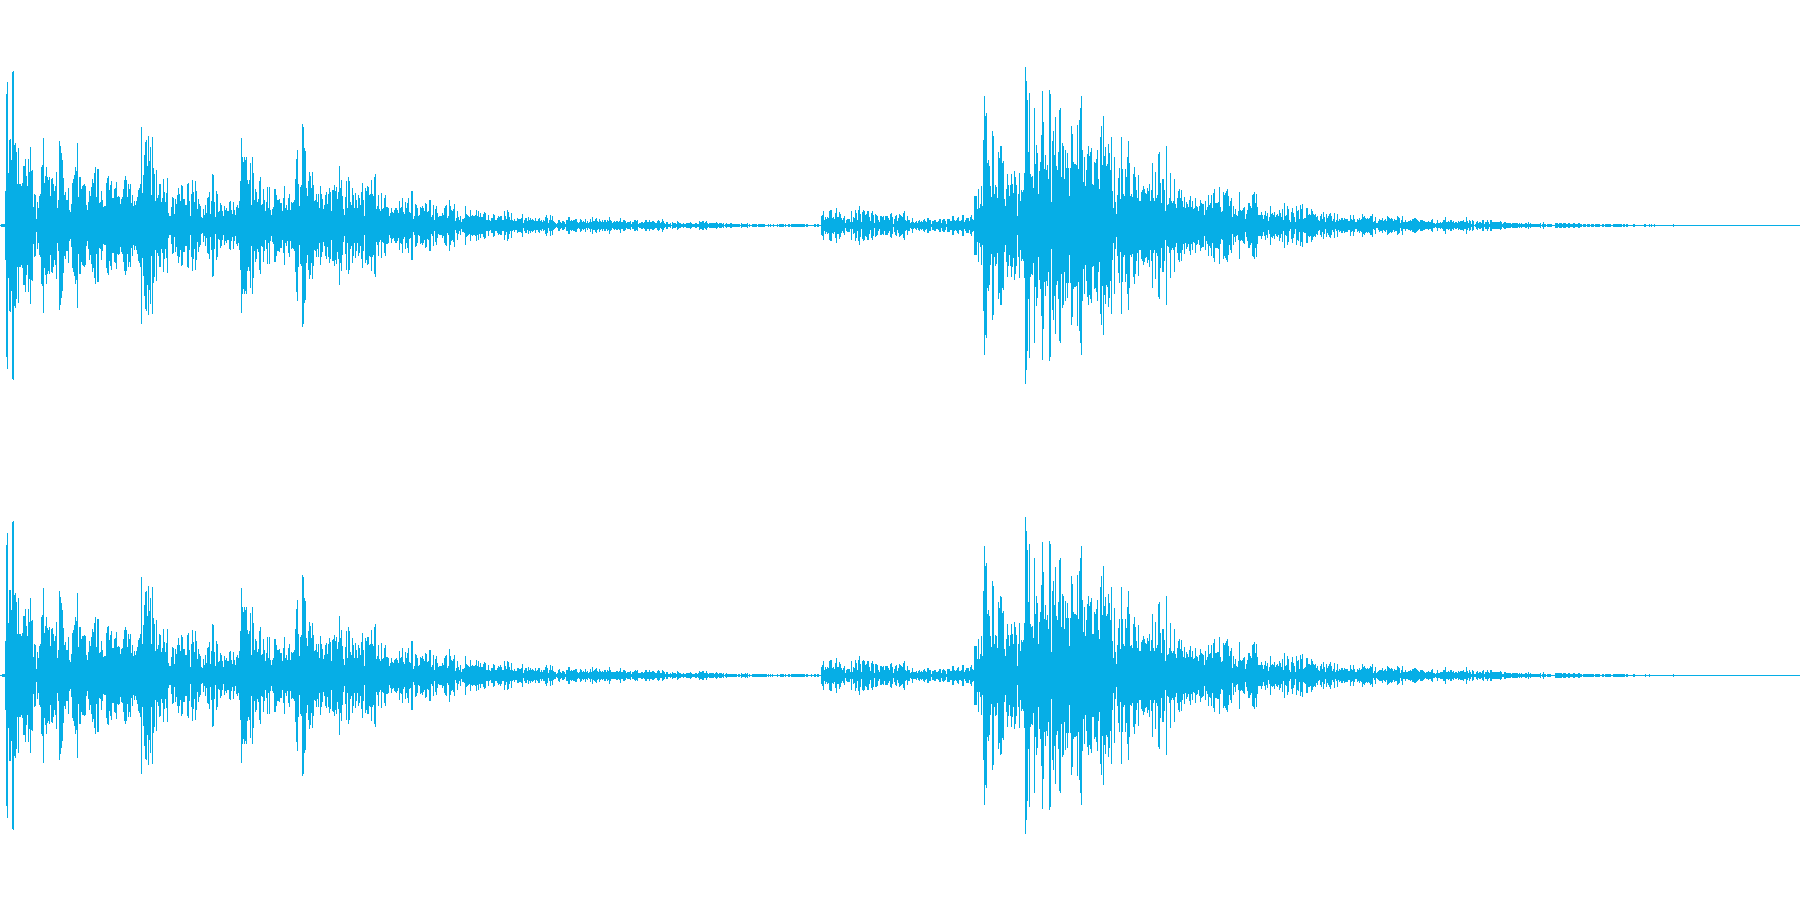 【生録音】ドームカバー・クロッシュの音の再生済みの波形